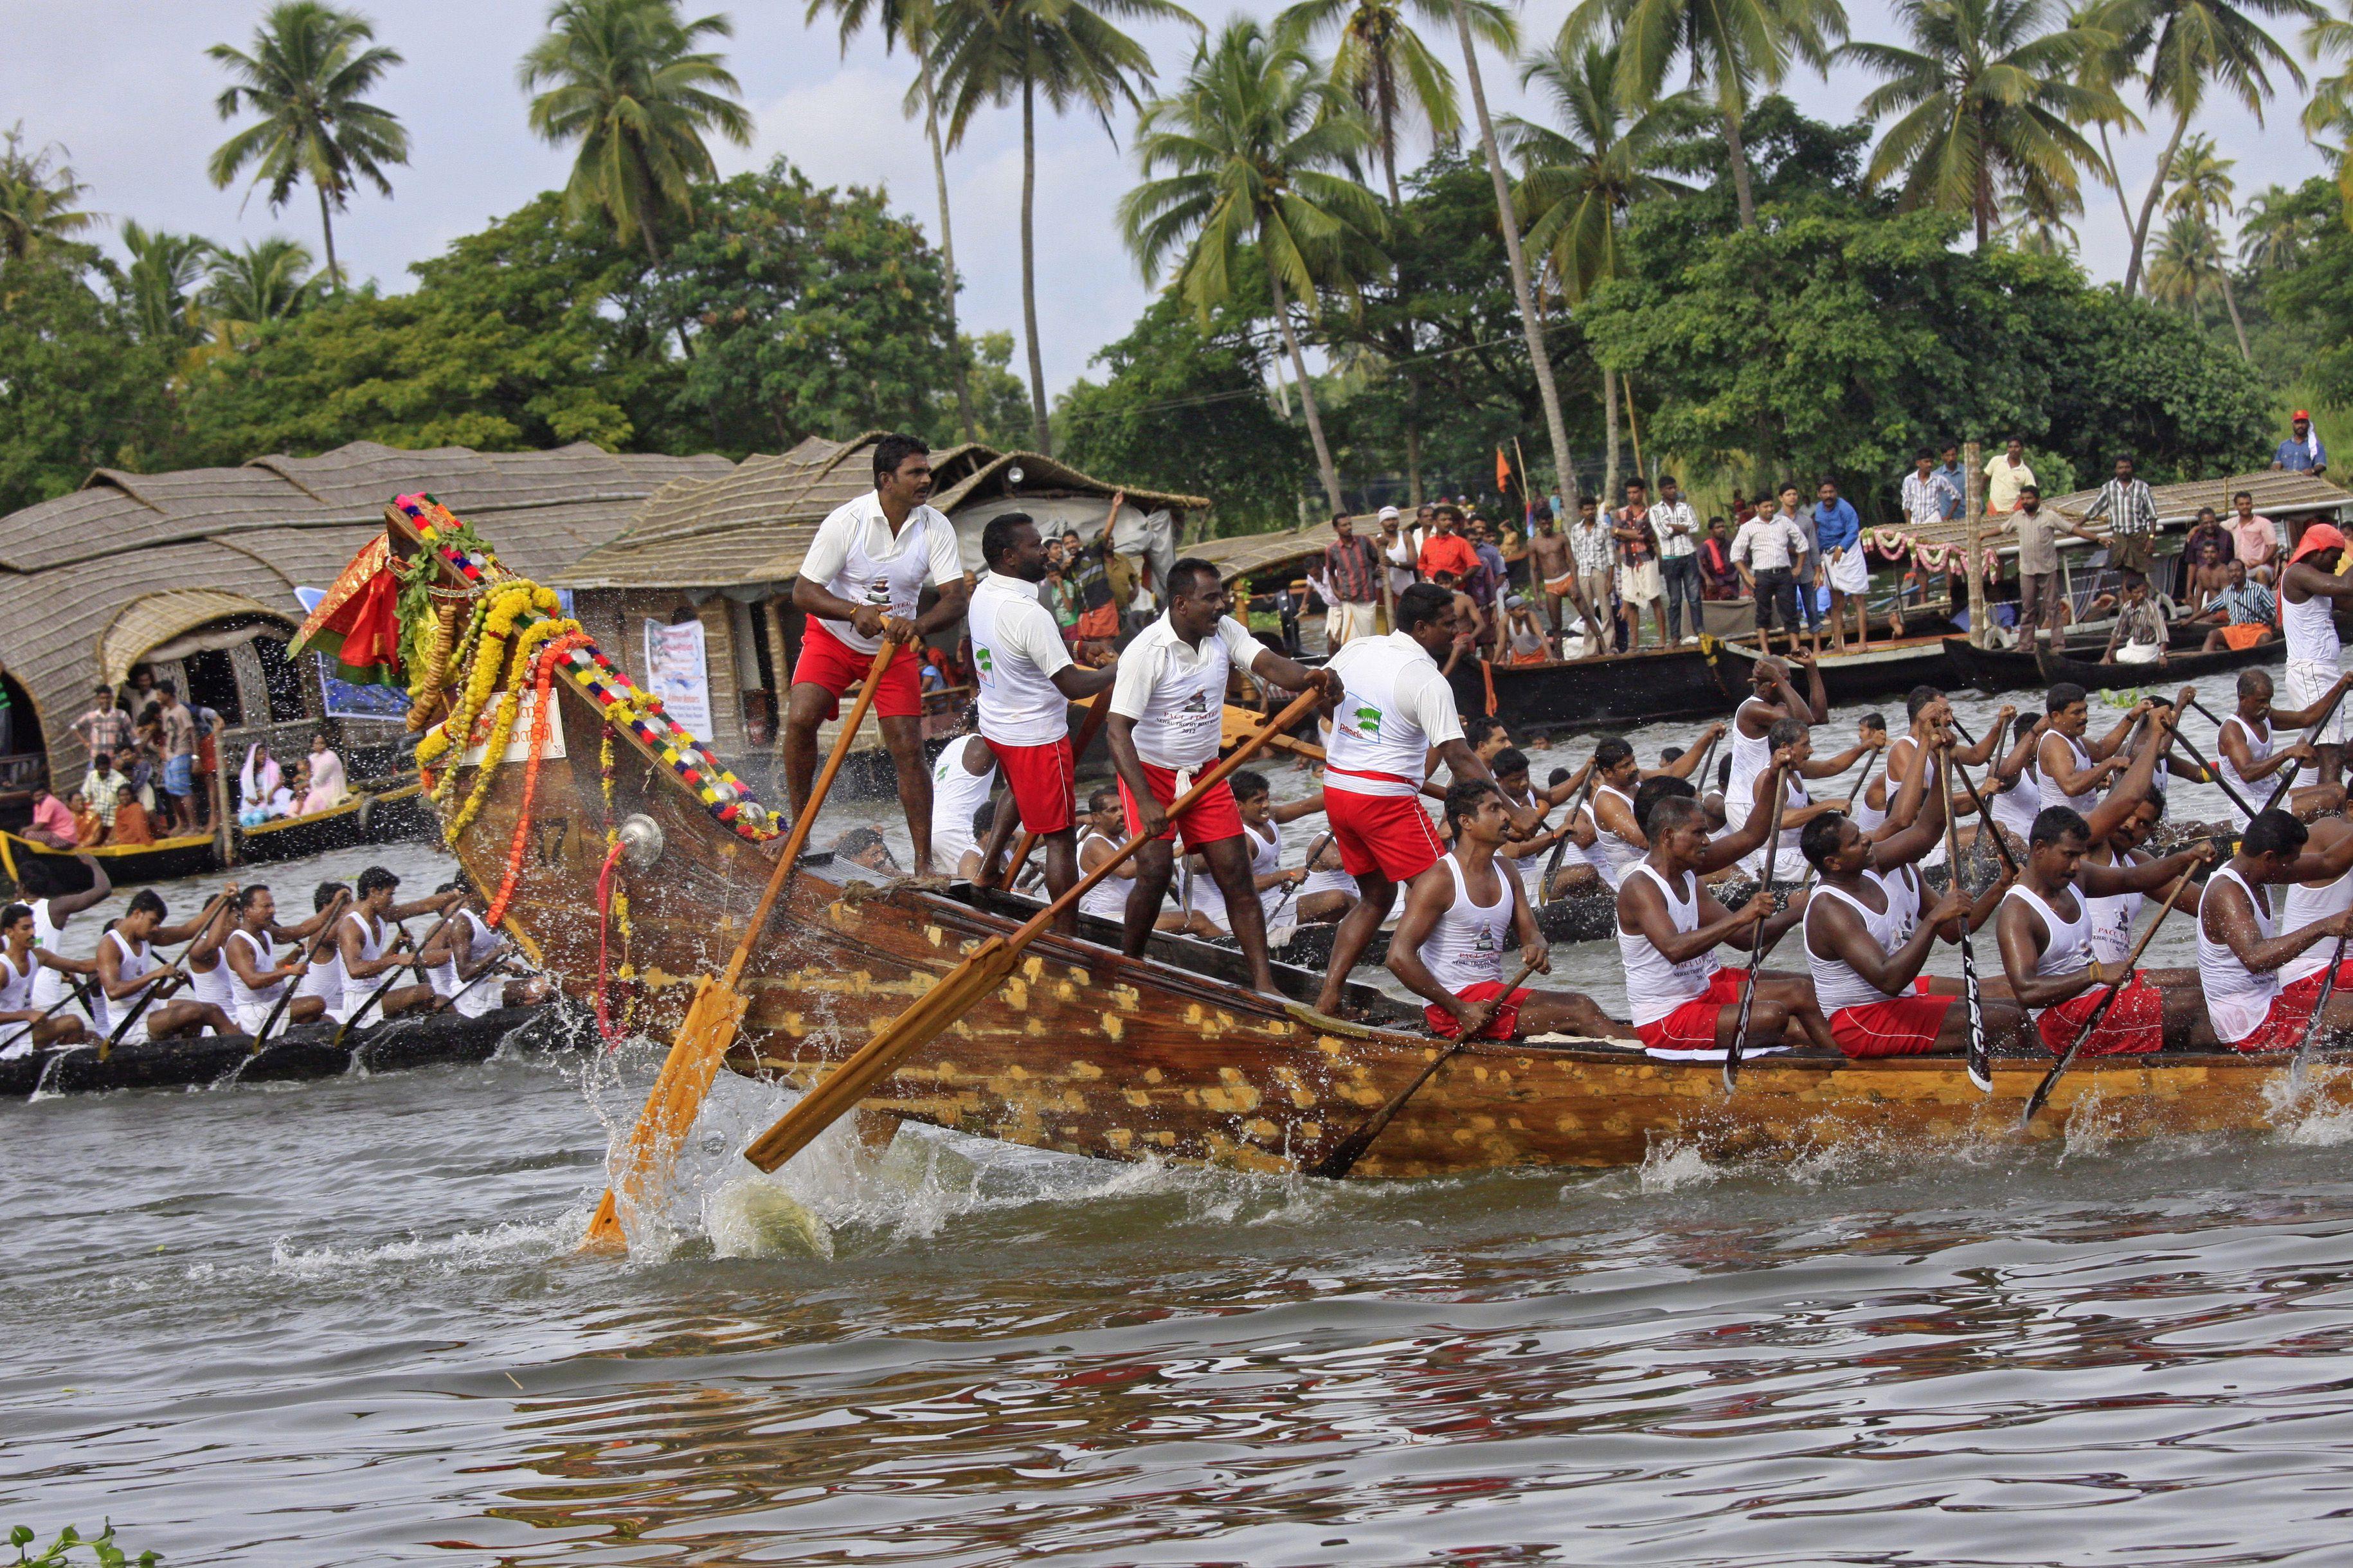 Snake boat race in Kerala